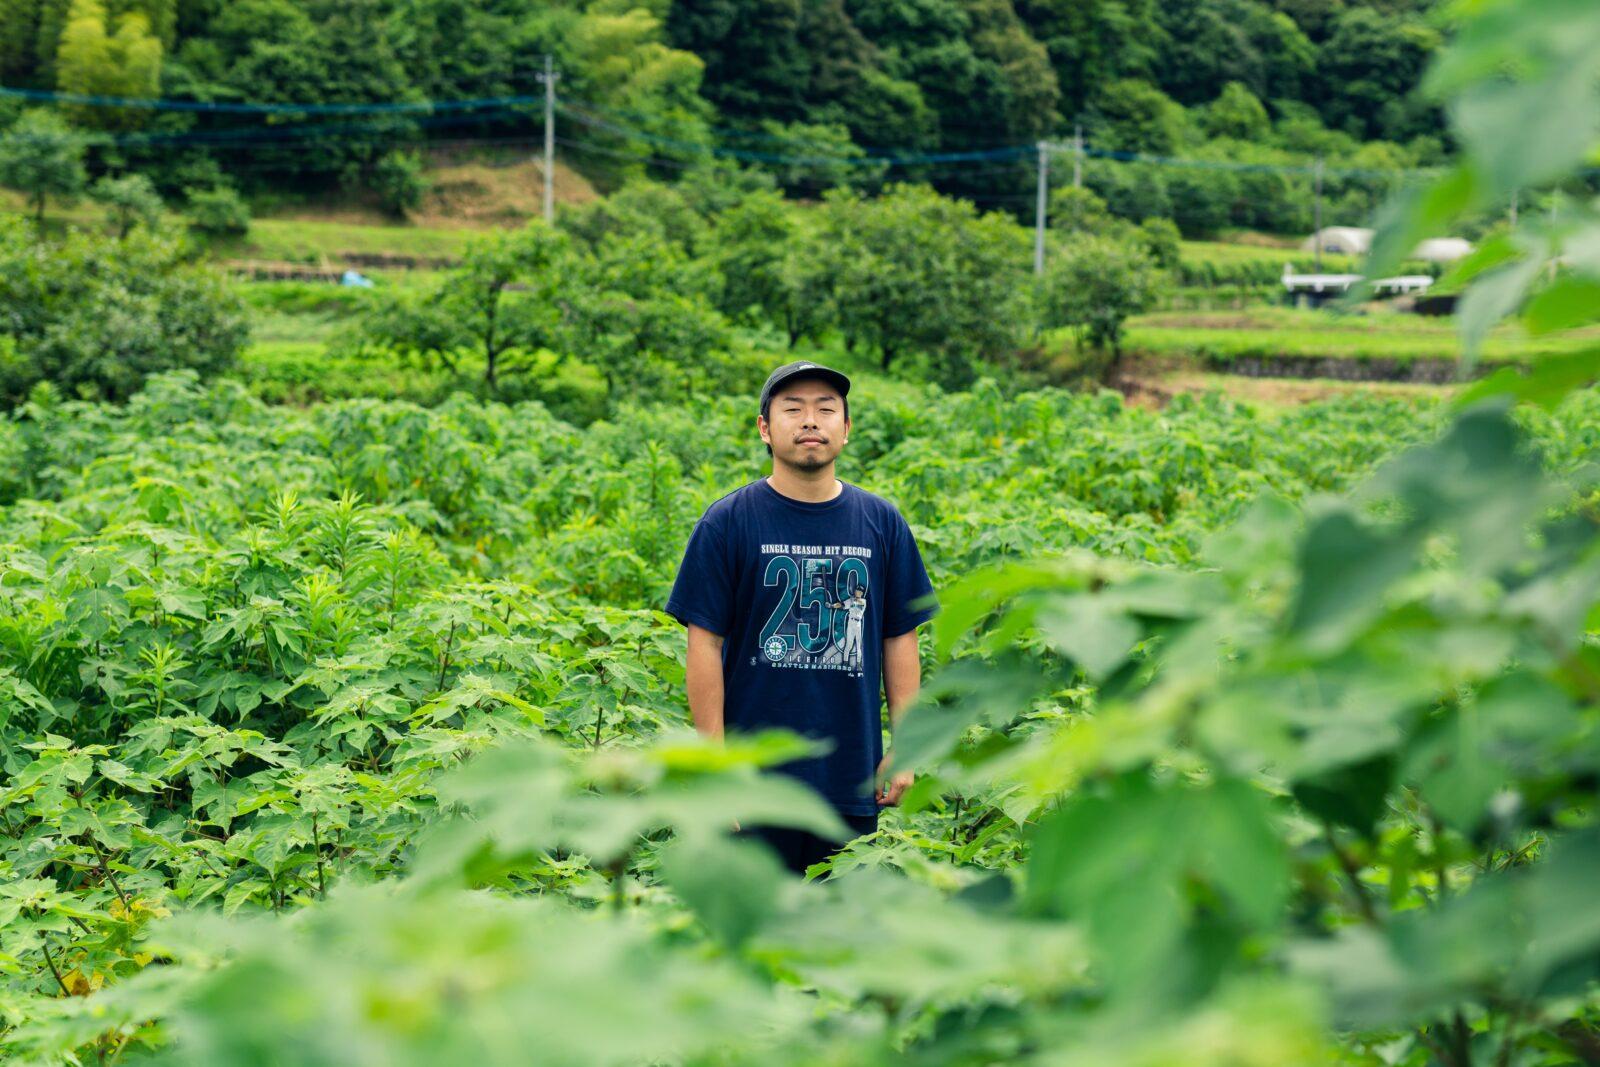 Nao Tesuki Washi